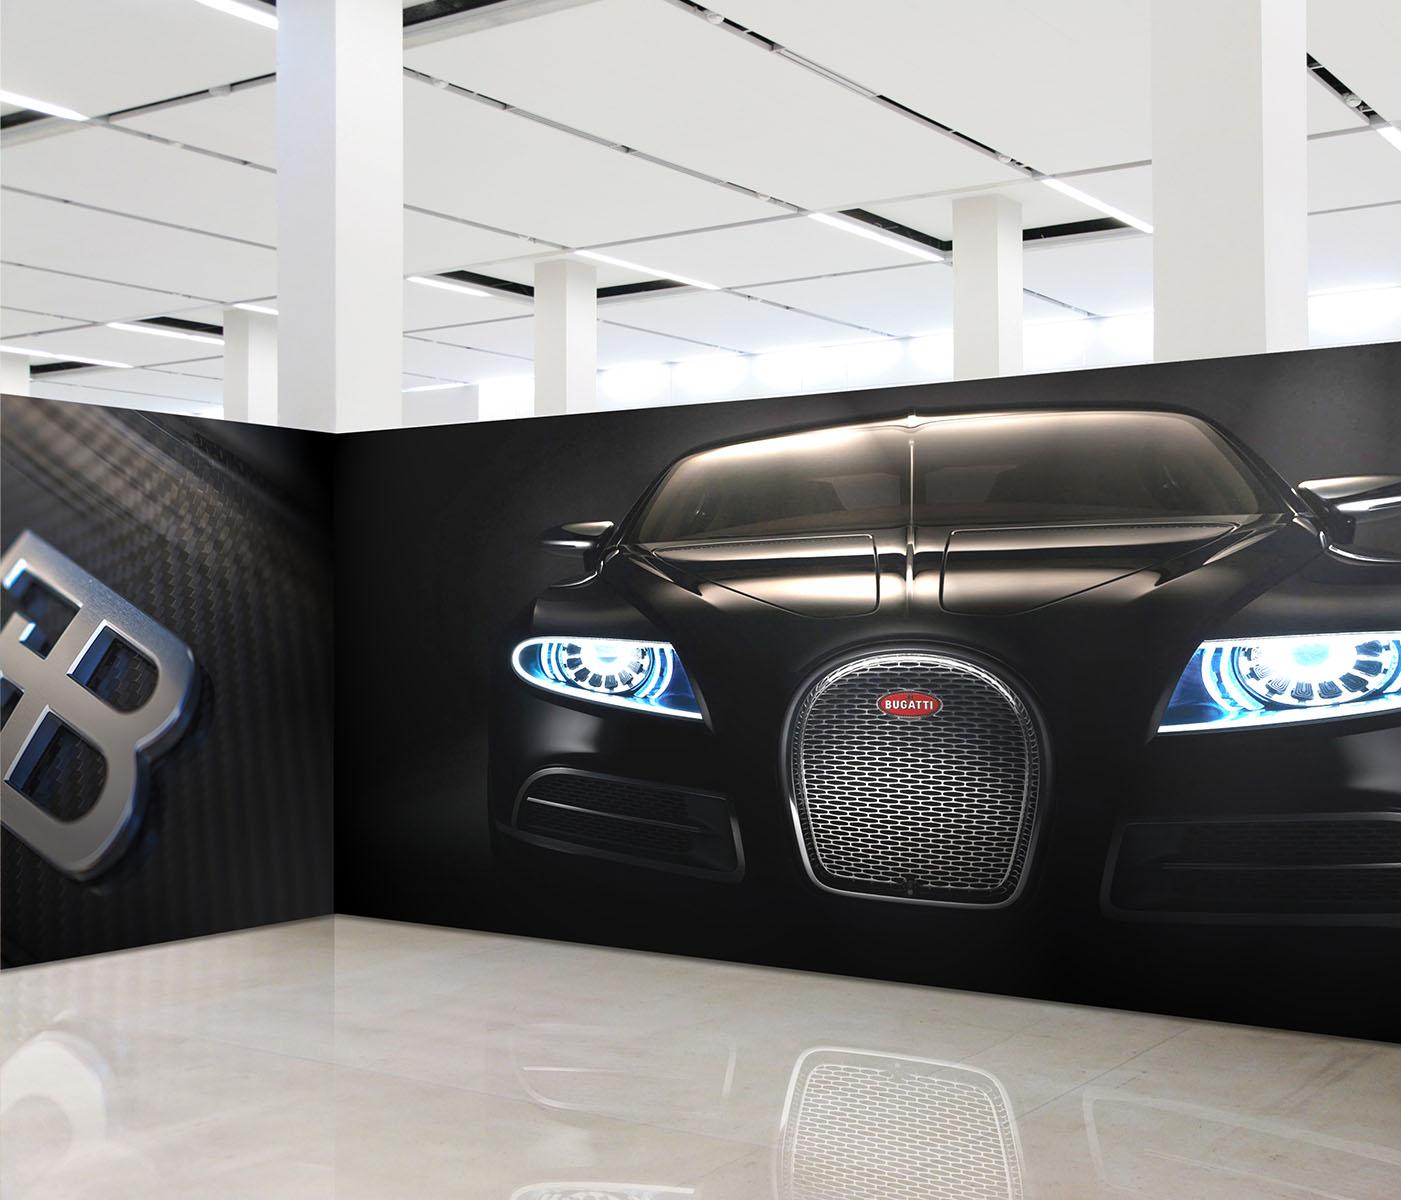 Garage wall art